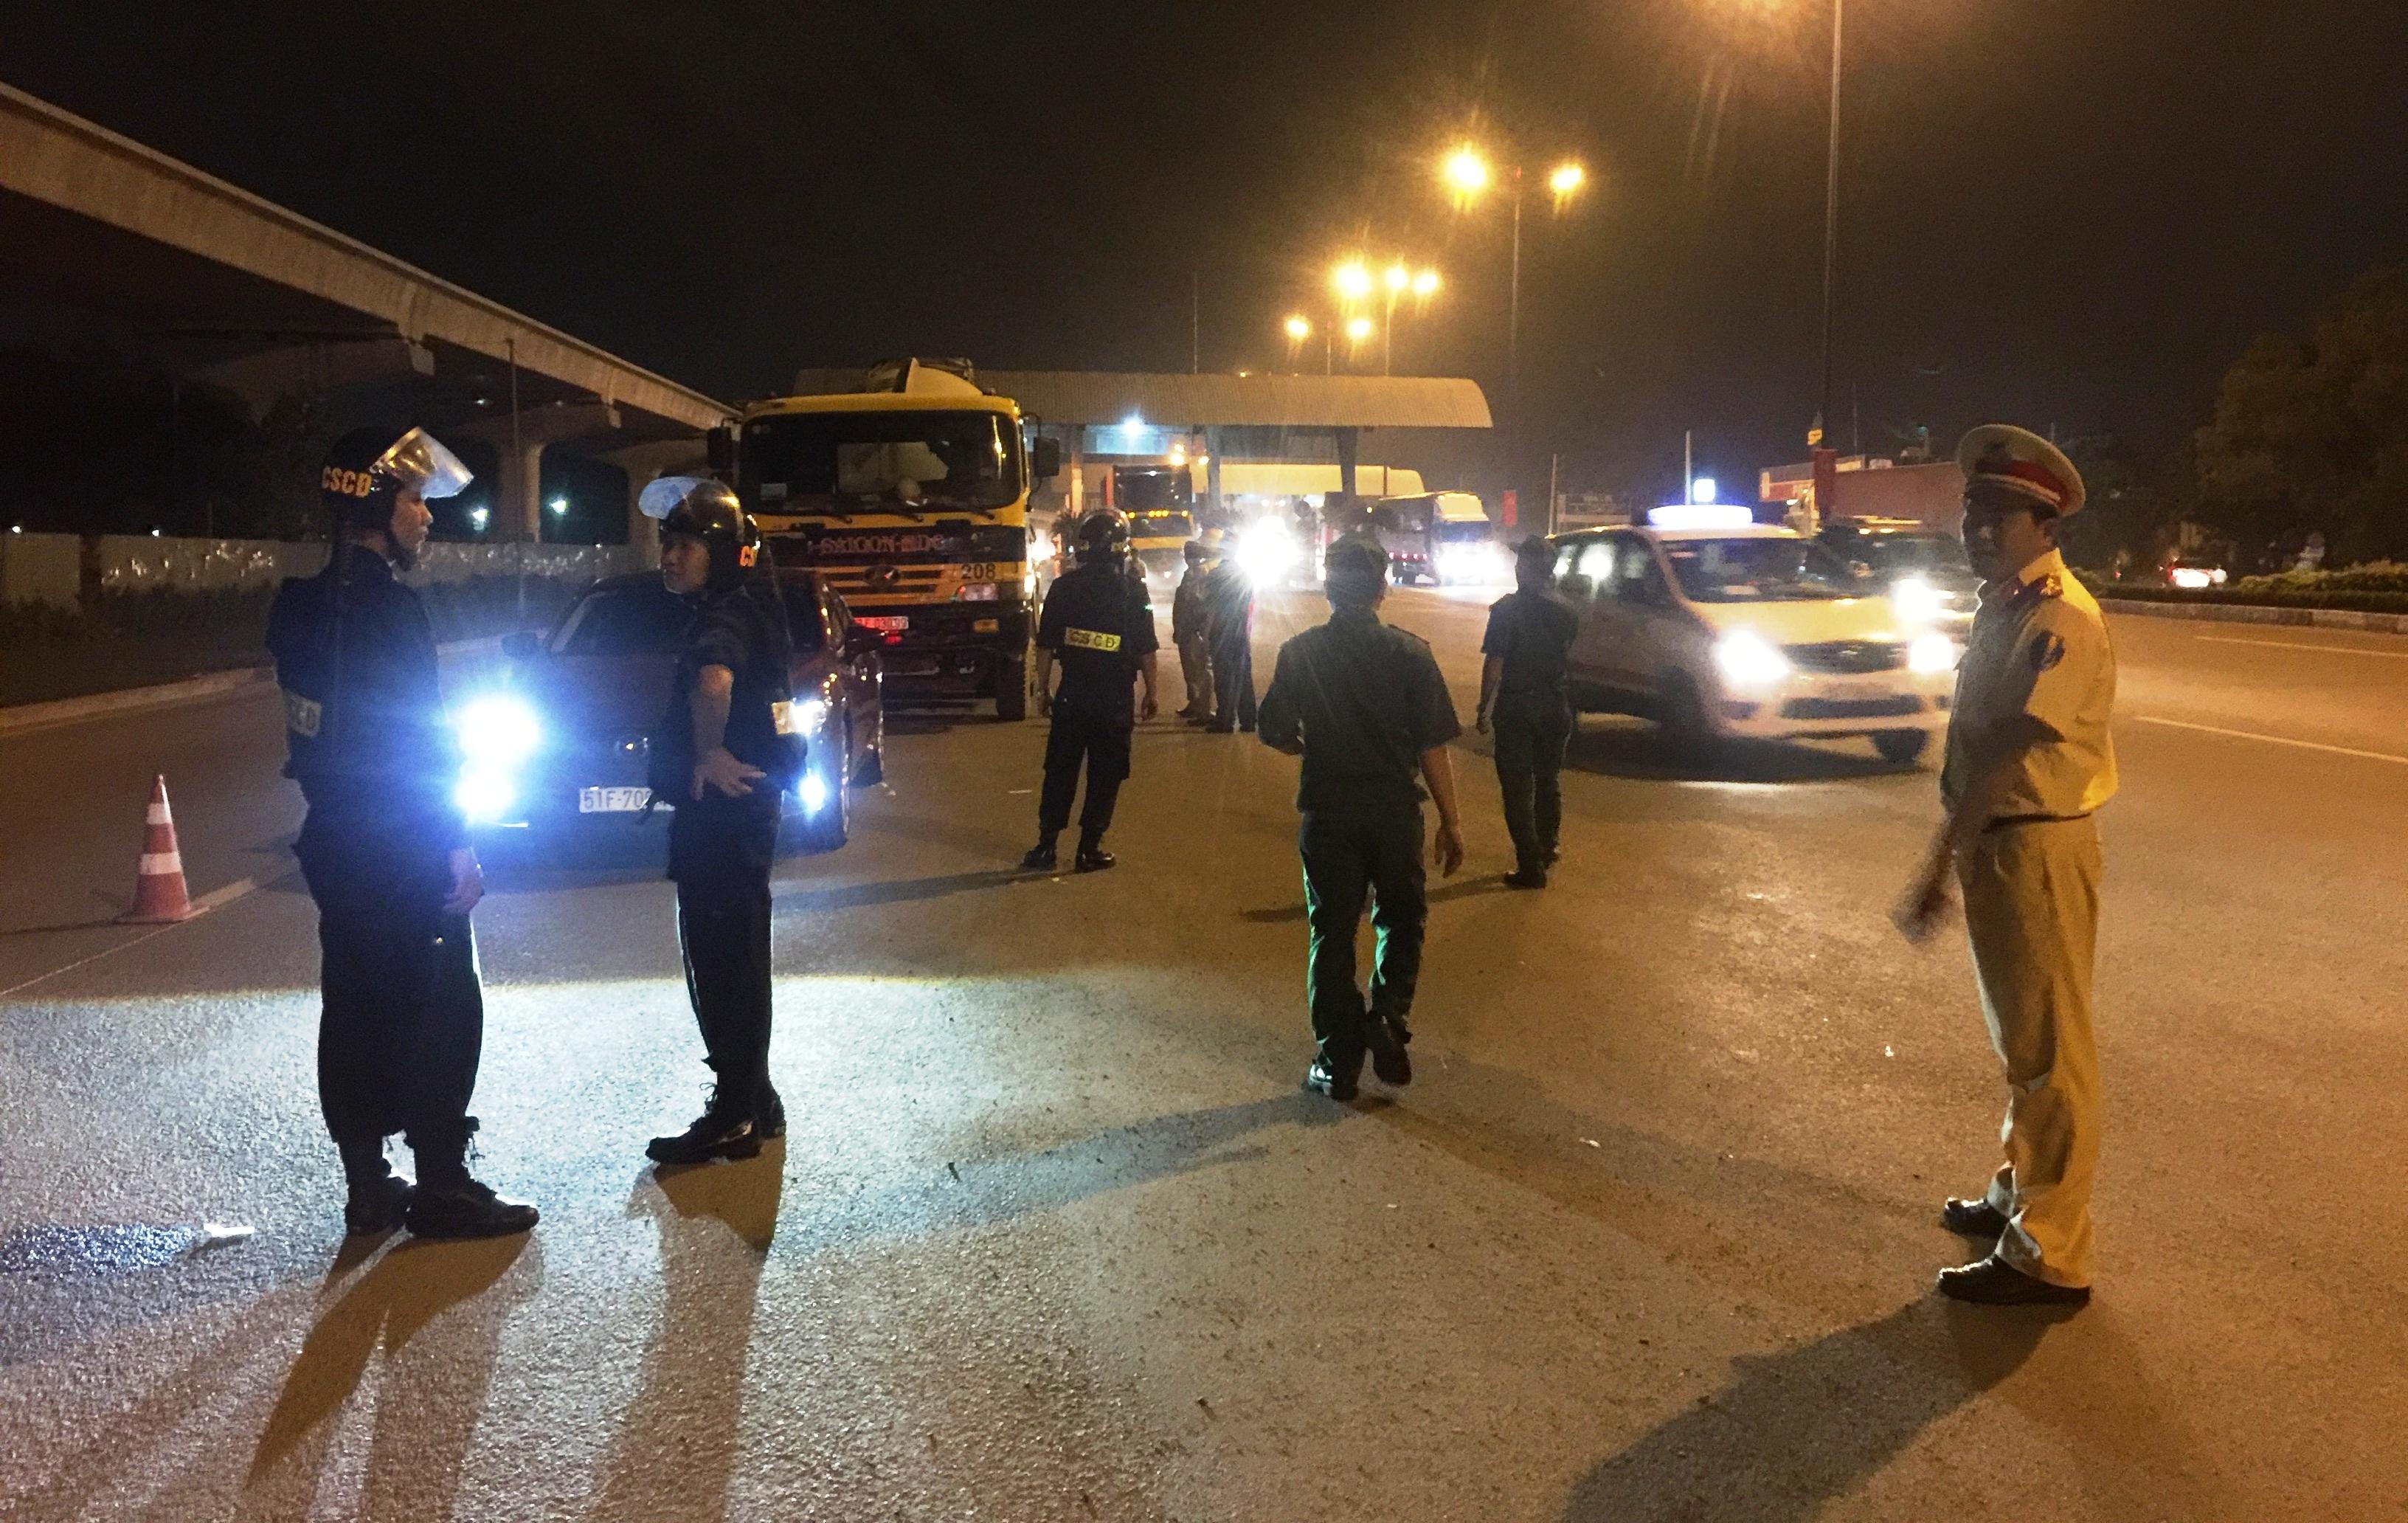 Lực lượng CSGT tổ chức kiểm tra, xử lý vi phạm nồng độ cồn đối với ôtô, xe tải... ở cửa ngõ TPHCM tối 23/8.